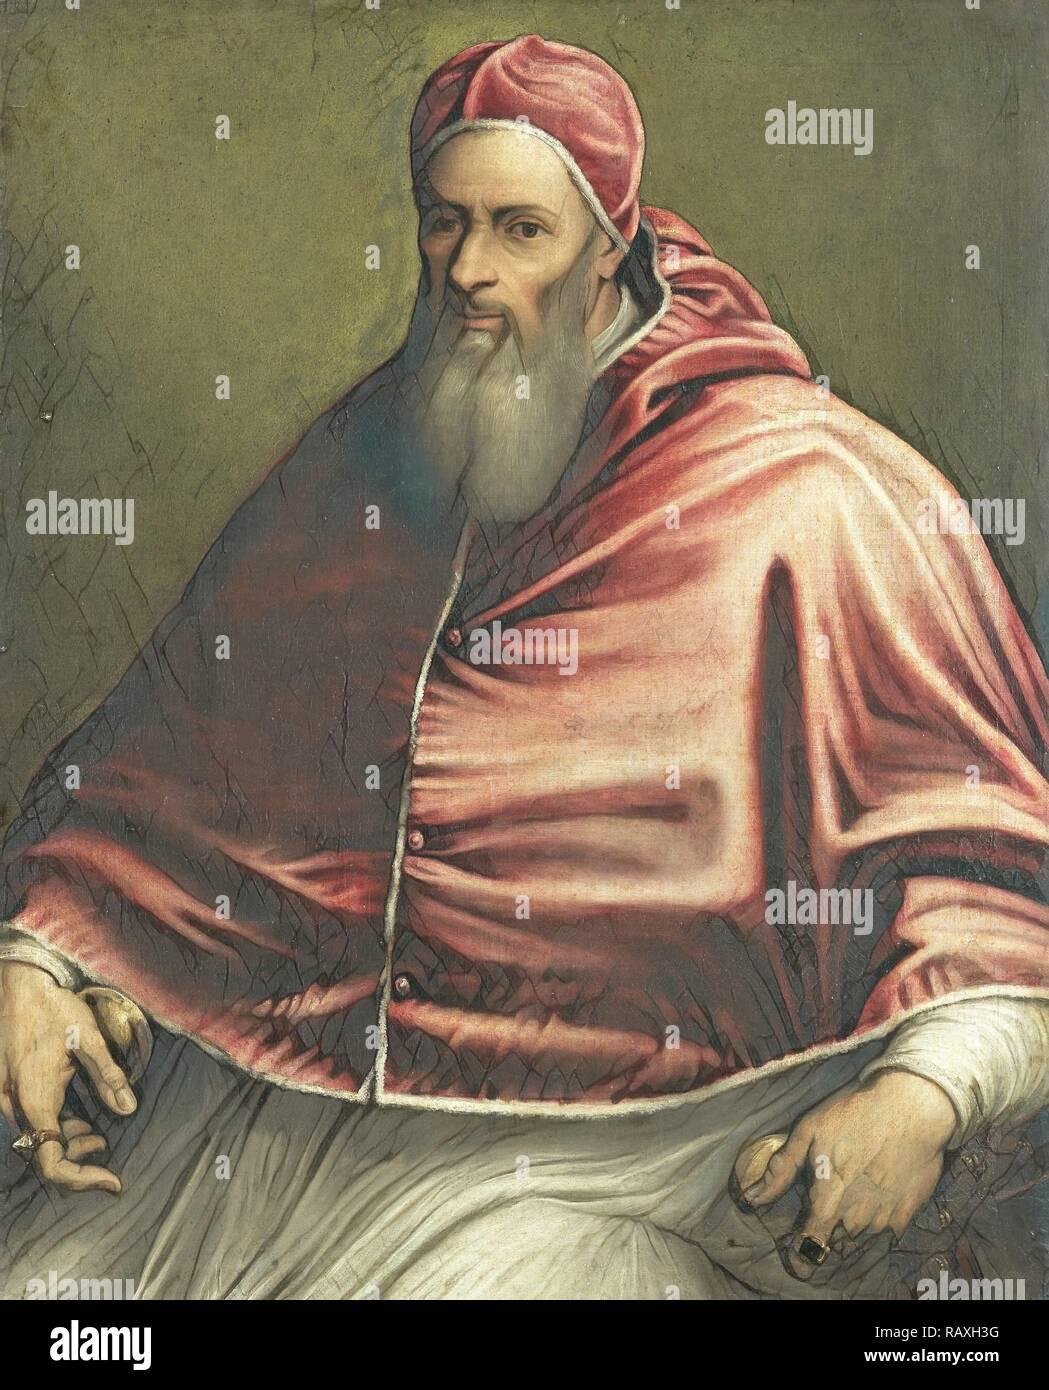 Papst Julius III (ehemals Papst Paul III berechtigt), Kreis von Girolamo Sicciolante, 1550 - 1600. Neuerfundene Stockbild